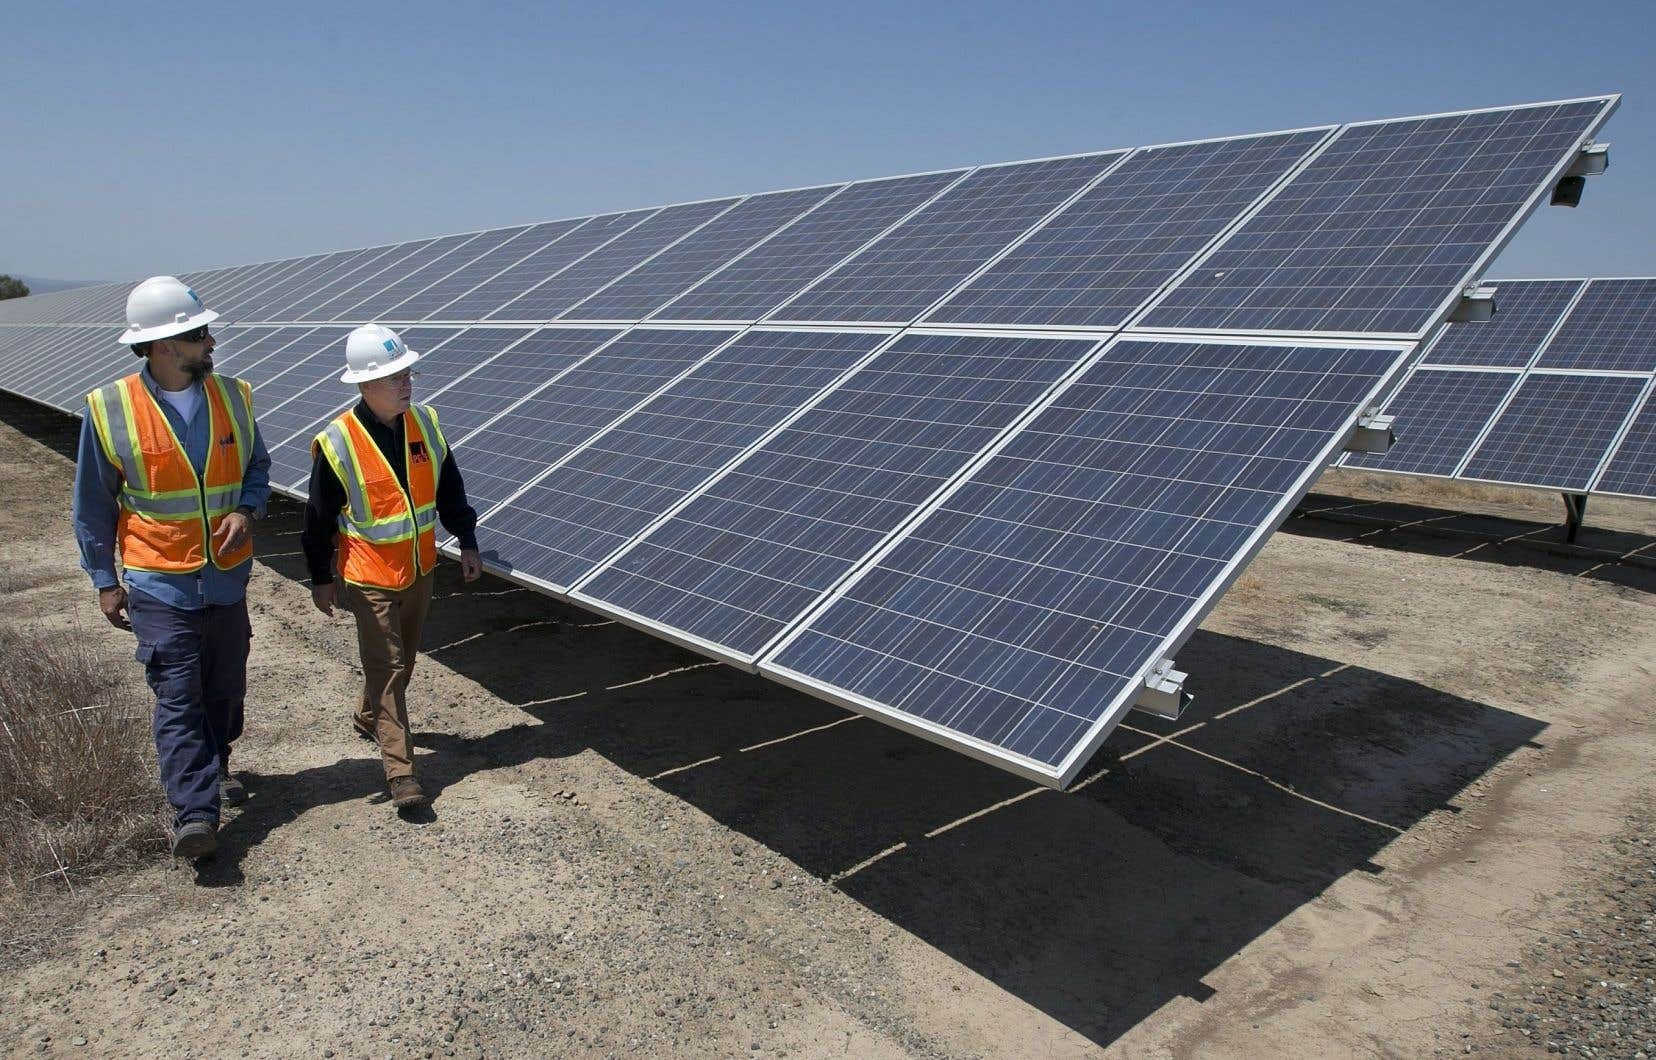 La diminution rapide des prix de l'énergie solaire et éolienne n'est pas près de s'arrêter.